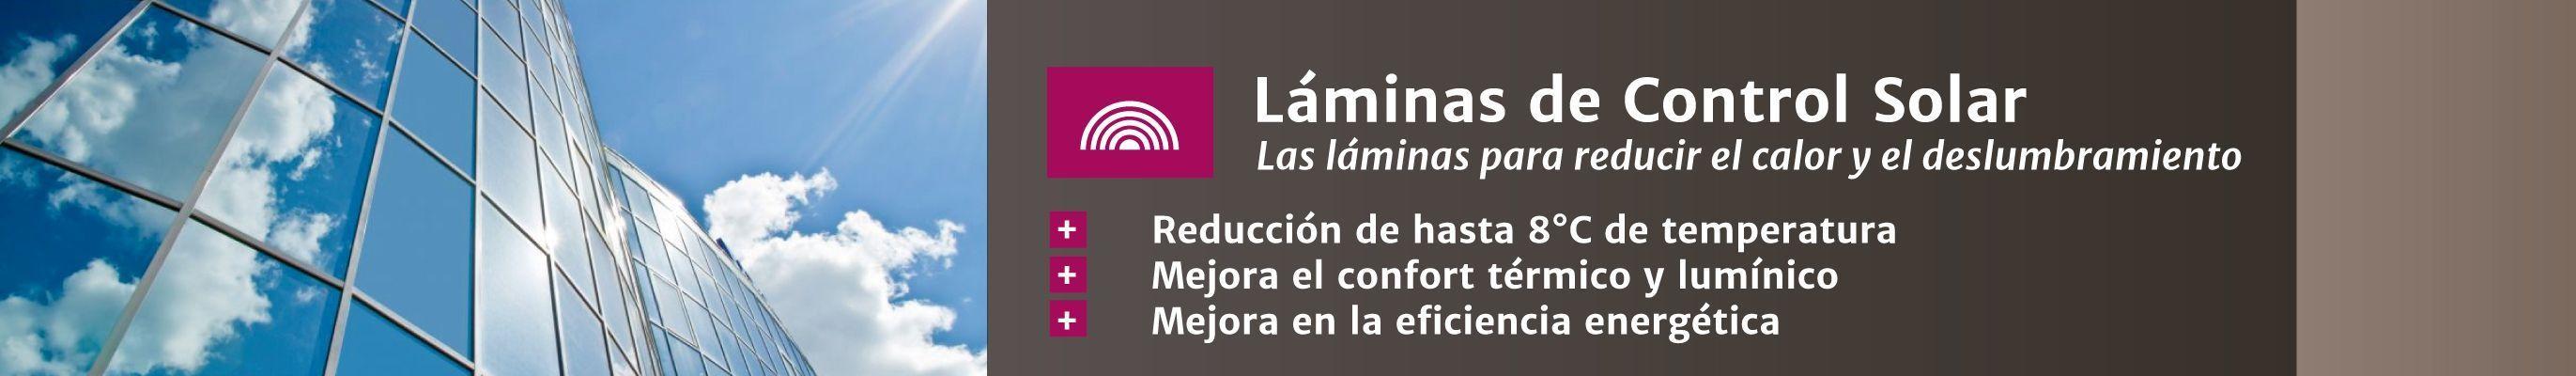 Láminas control solar Laminotech